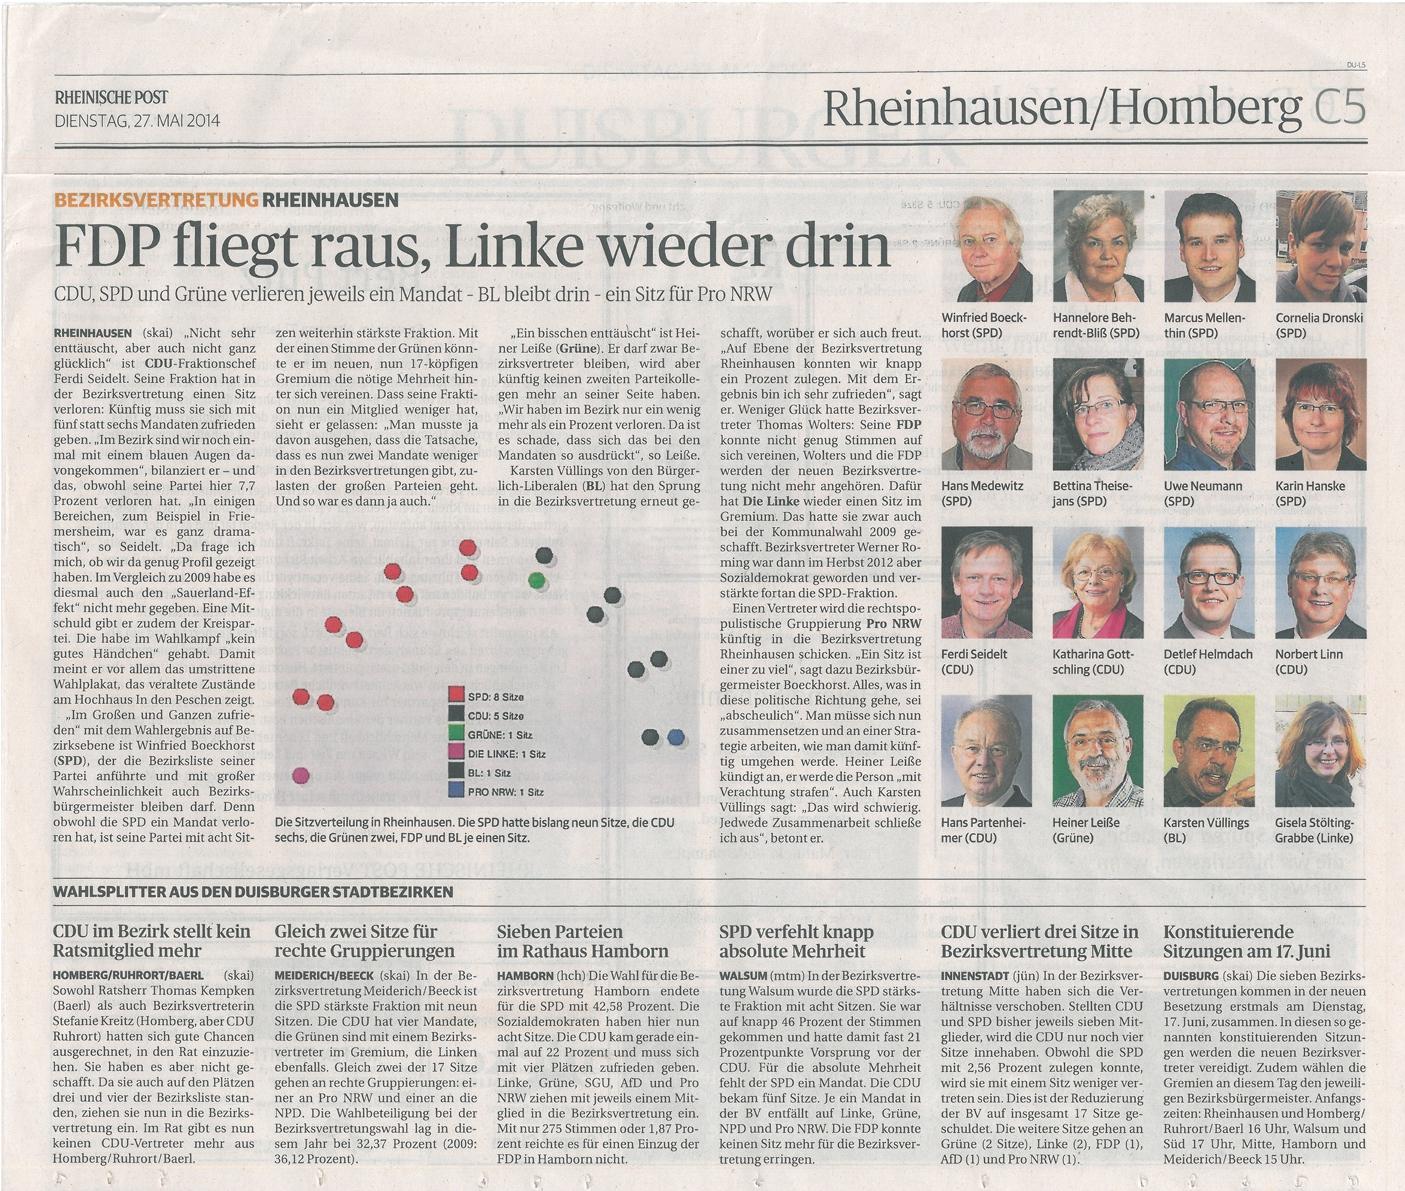 Rheinische_Post_Wahl_2014-1